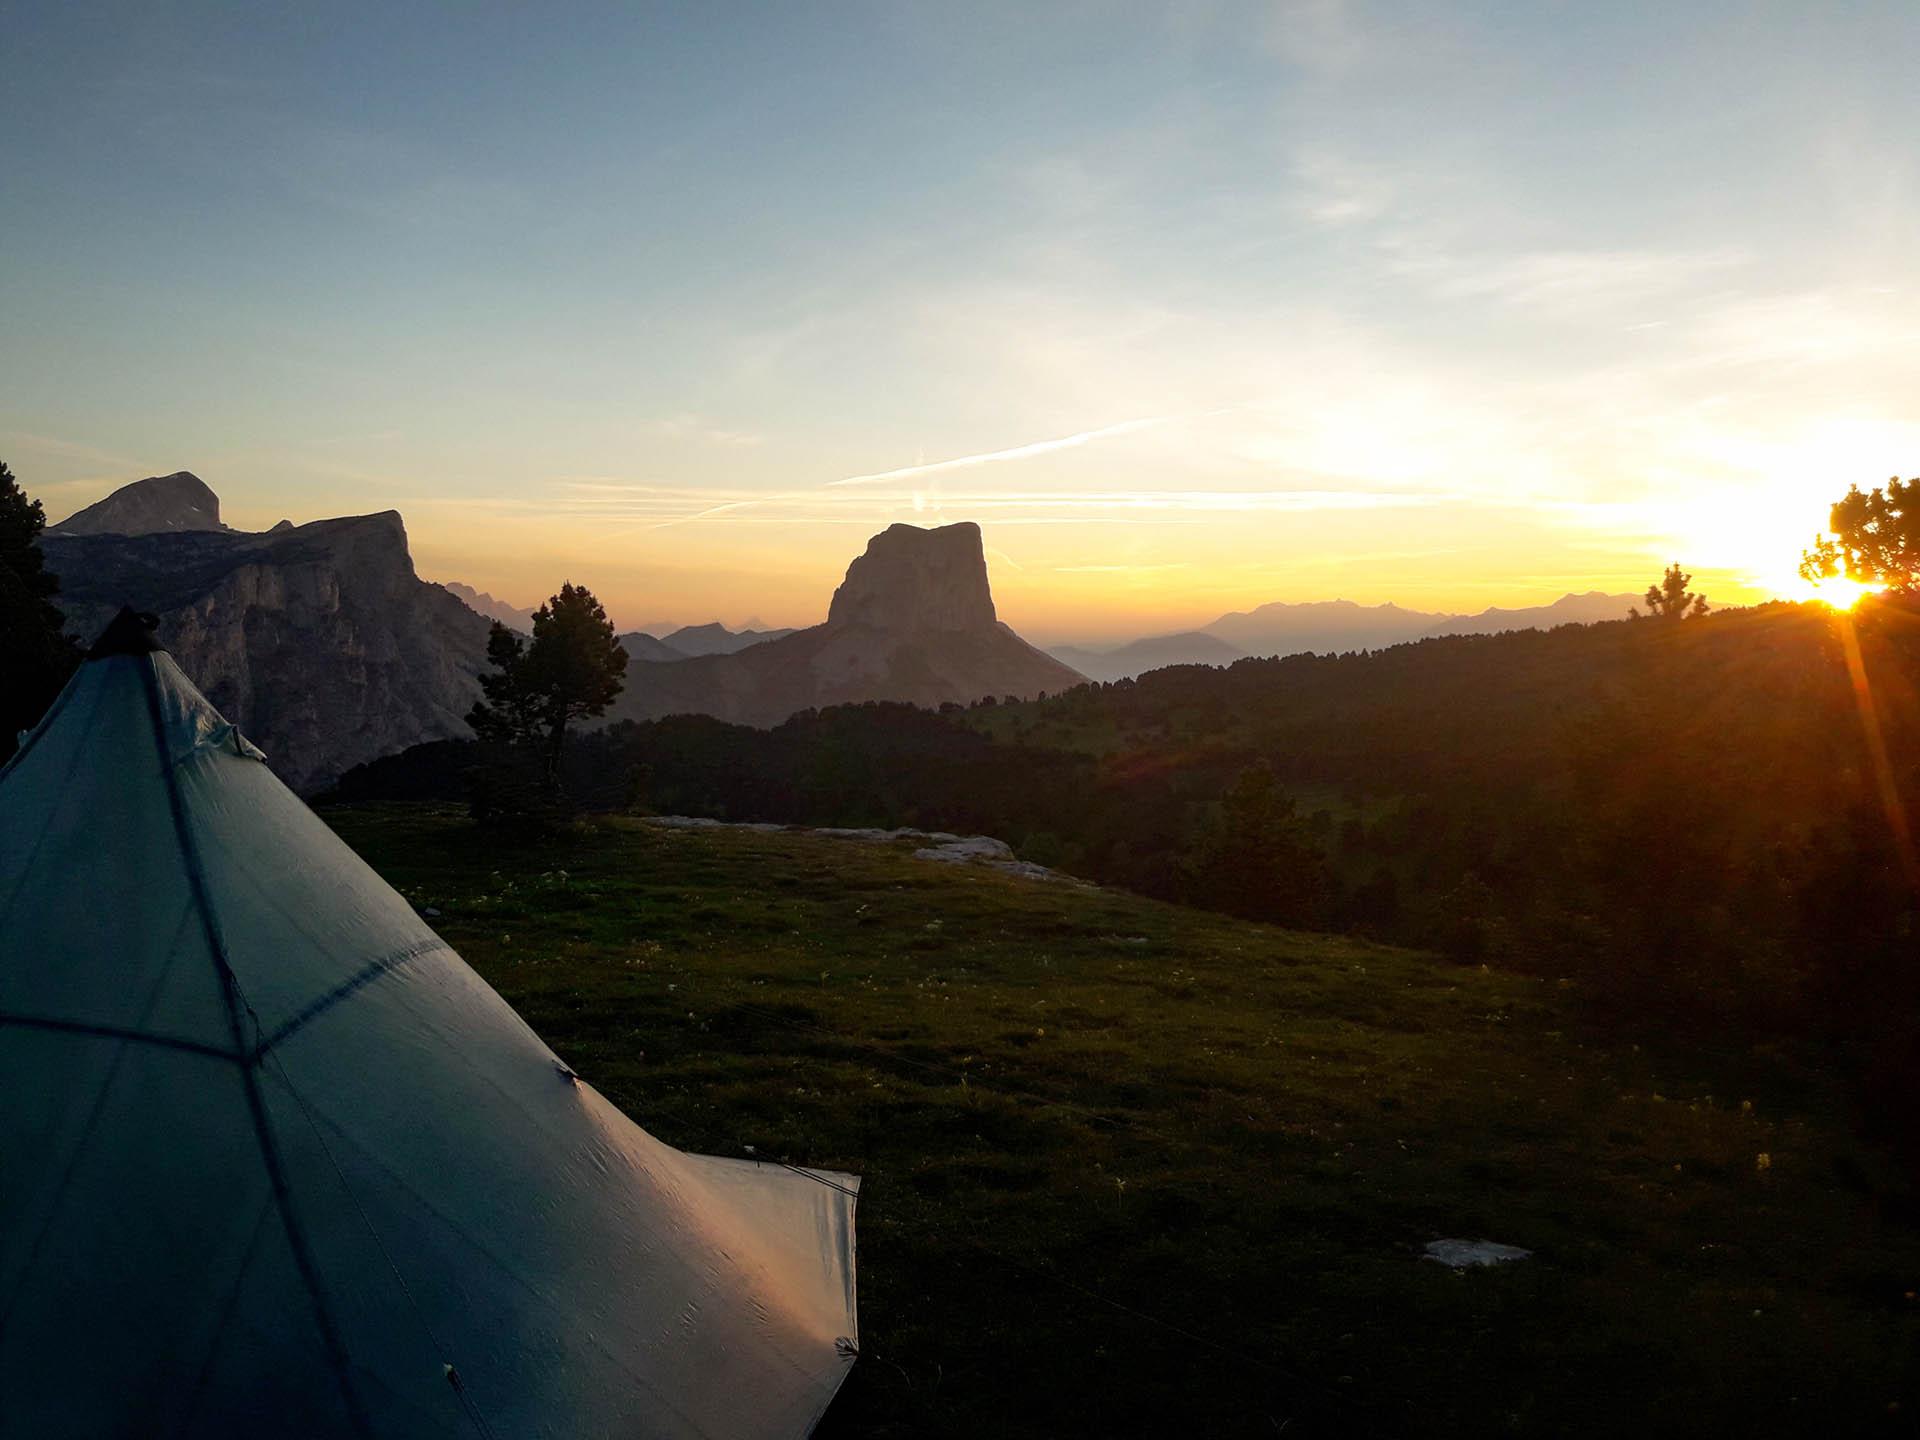 Slow Rando Sejour Liberte Decouverte Bivouac Hauts Plateaux Vercors Mont Aiguille Lever Soleil Sunshine